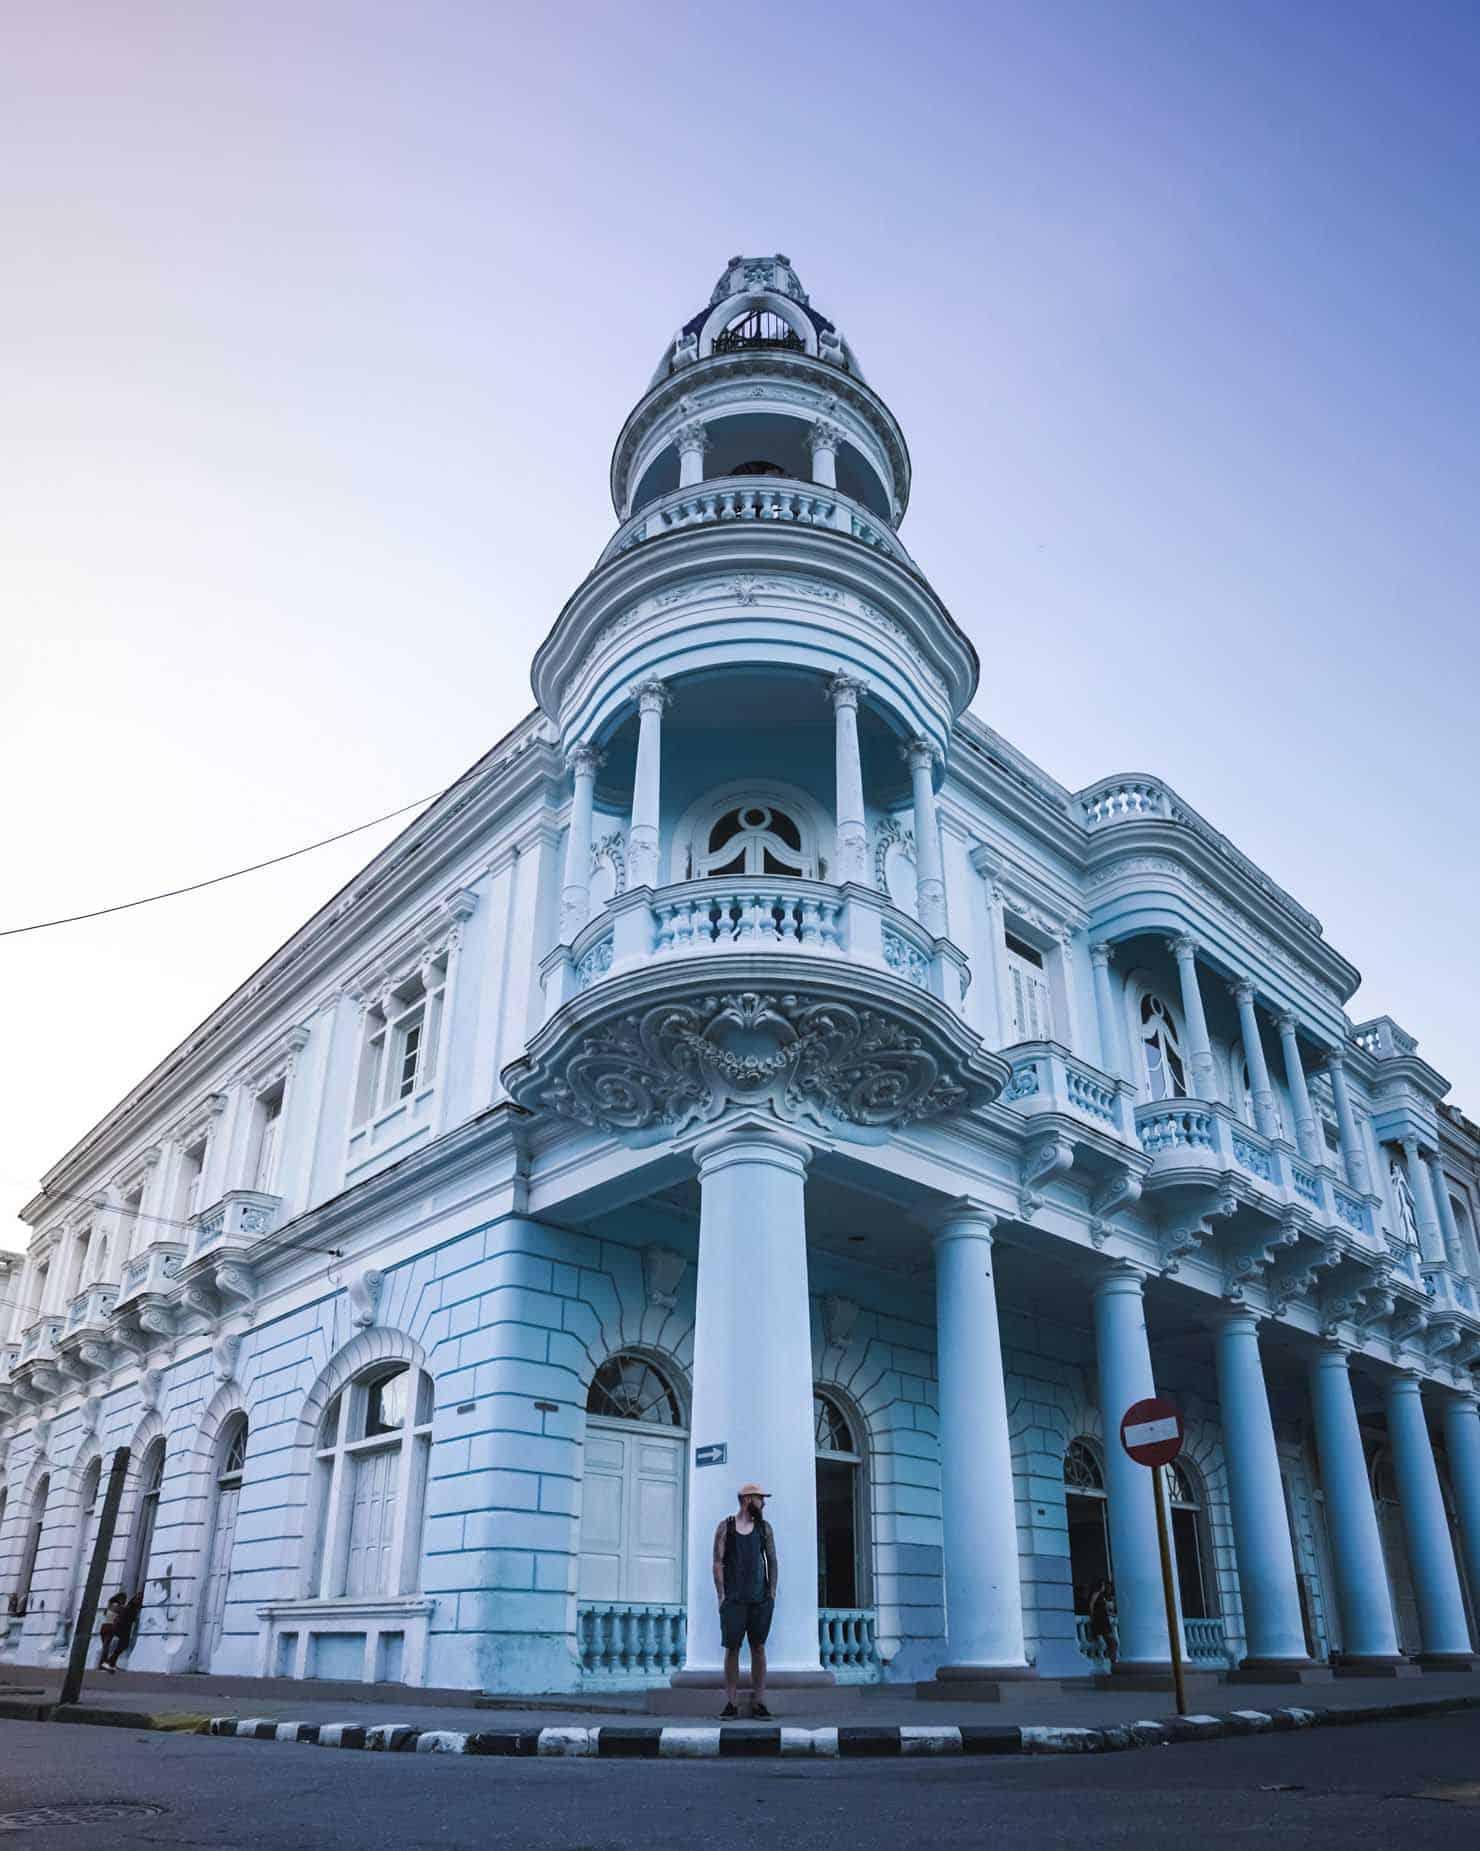 cienfuegos maison de la culture cuba autrement